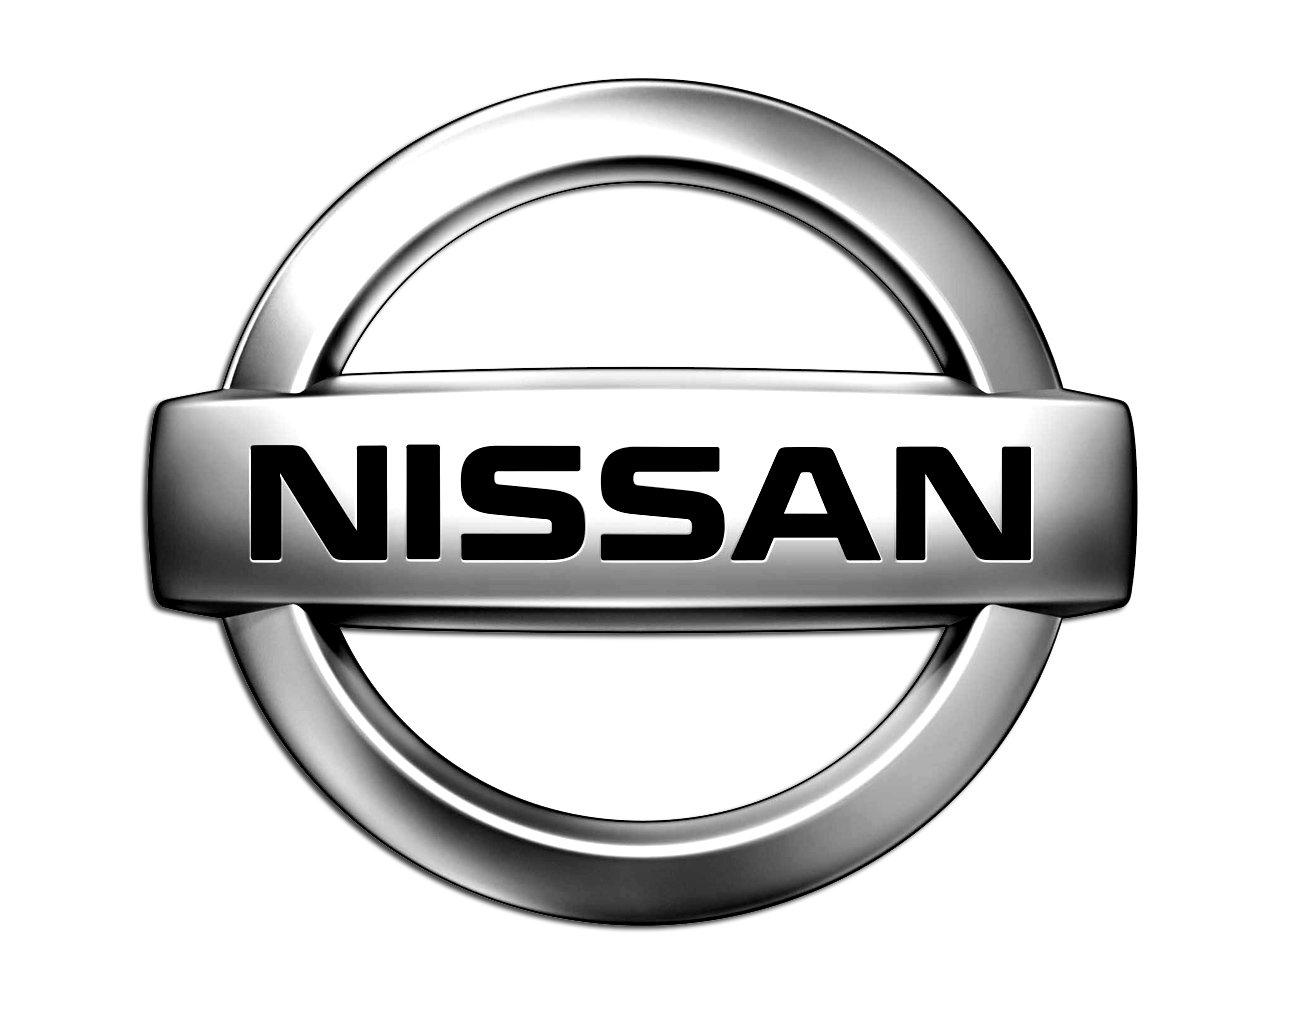 nissan-cars-logo-emblem.jpg